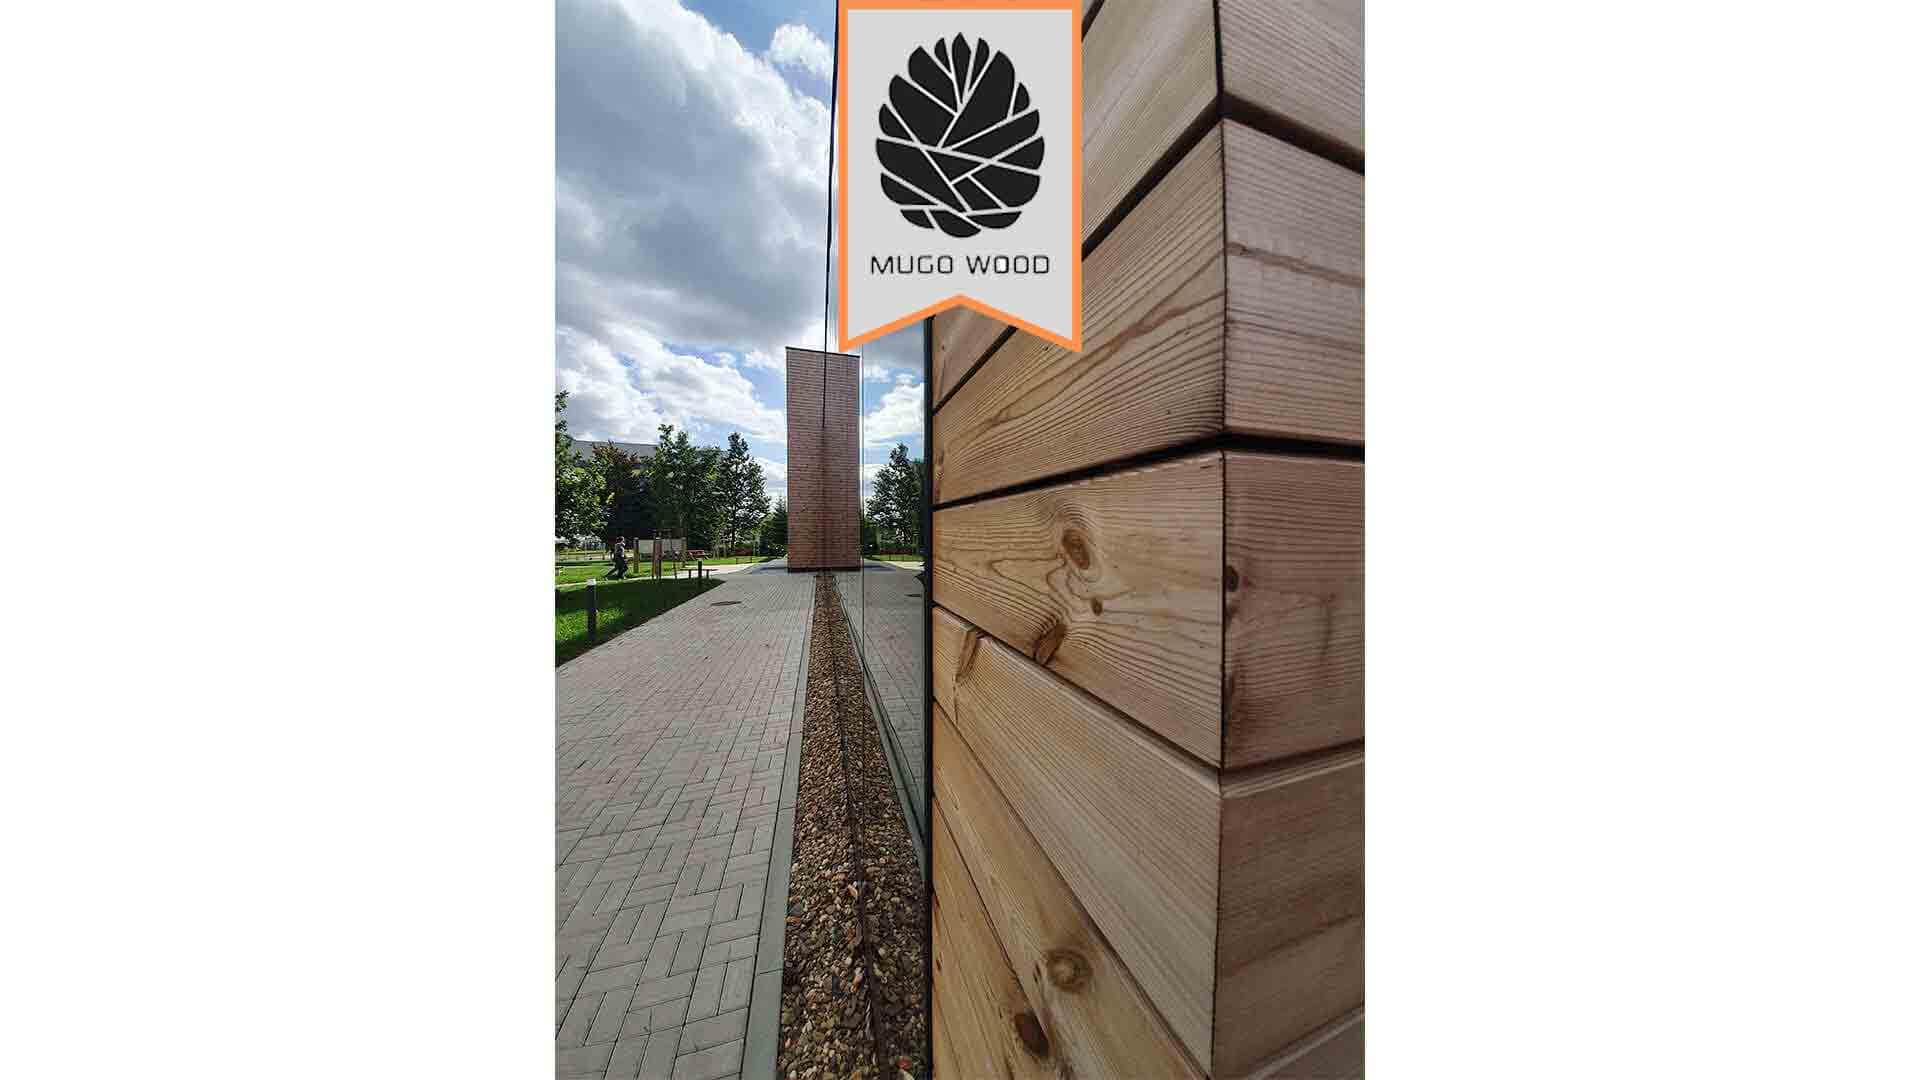 فروش چوب ترموود shp-16*92 - خرید چوب ترموود shp-16*92 - چوب ترموود shp-16*92 - ترموود - ترمووود - چوب ترمو - چوب ترموود - ترموود ایرانی - رنگ ترموود